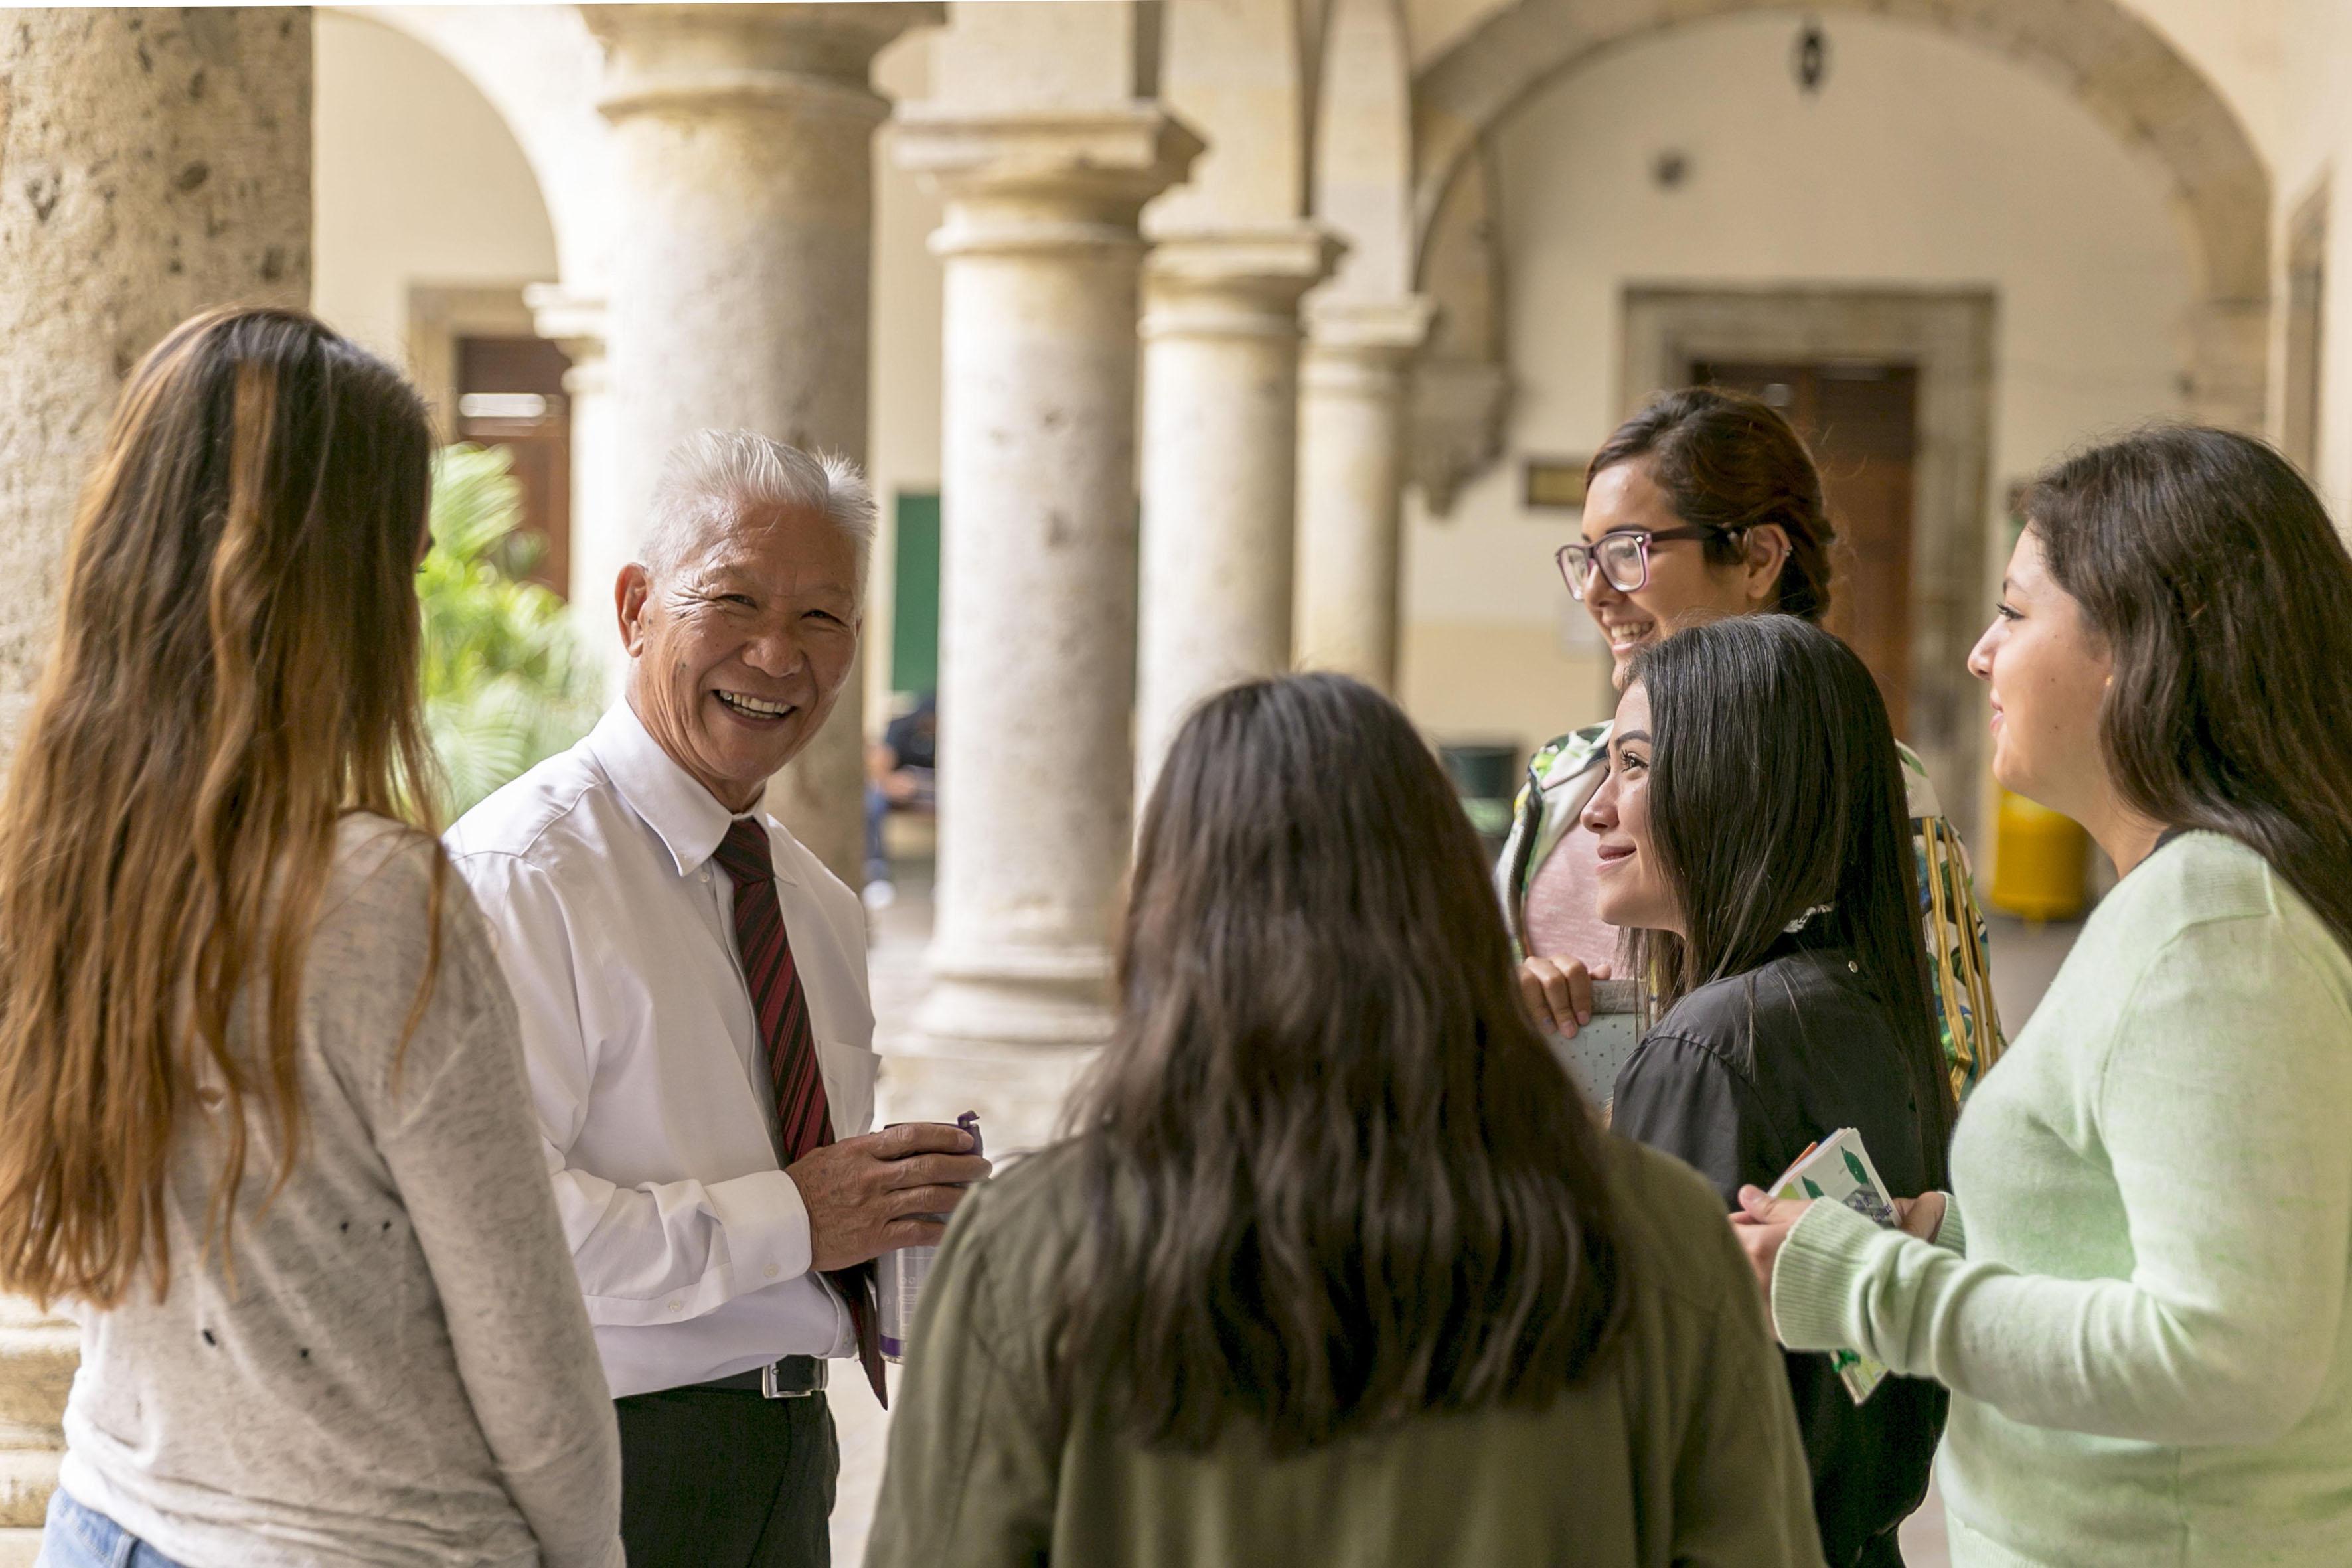 Alumnos y asesor conversando